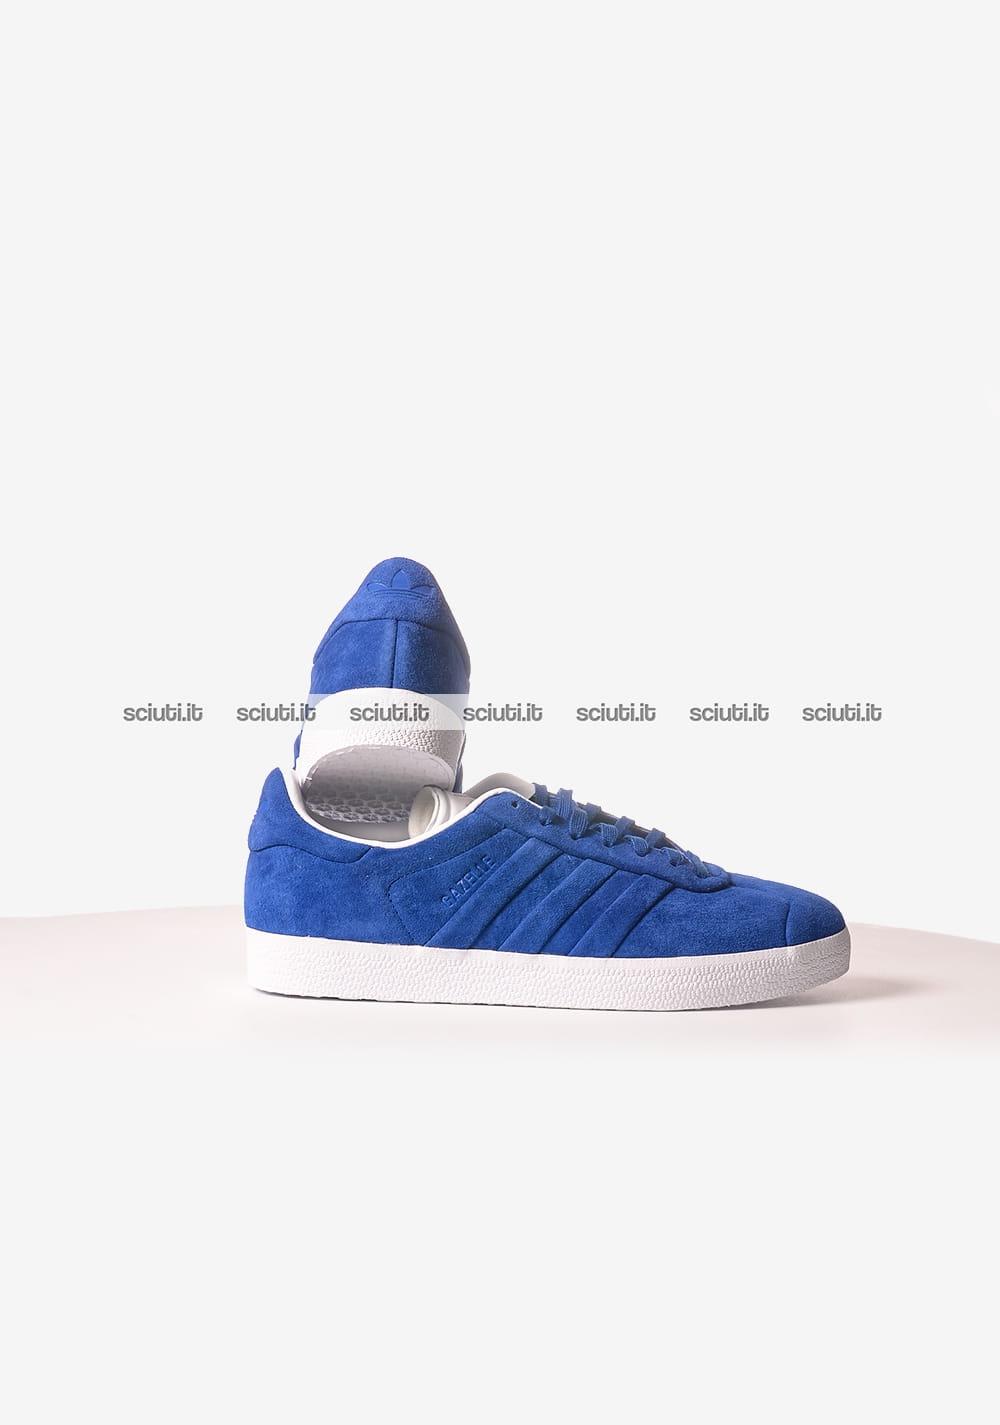 adidas gazelle blu scuro uomo